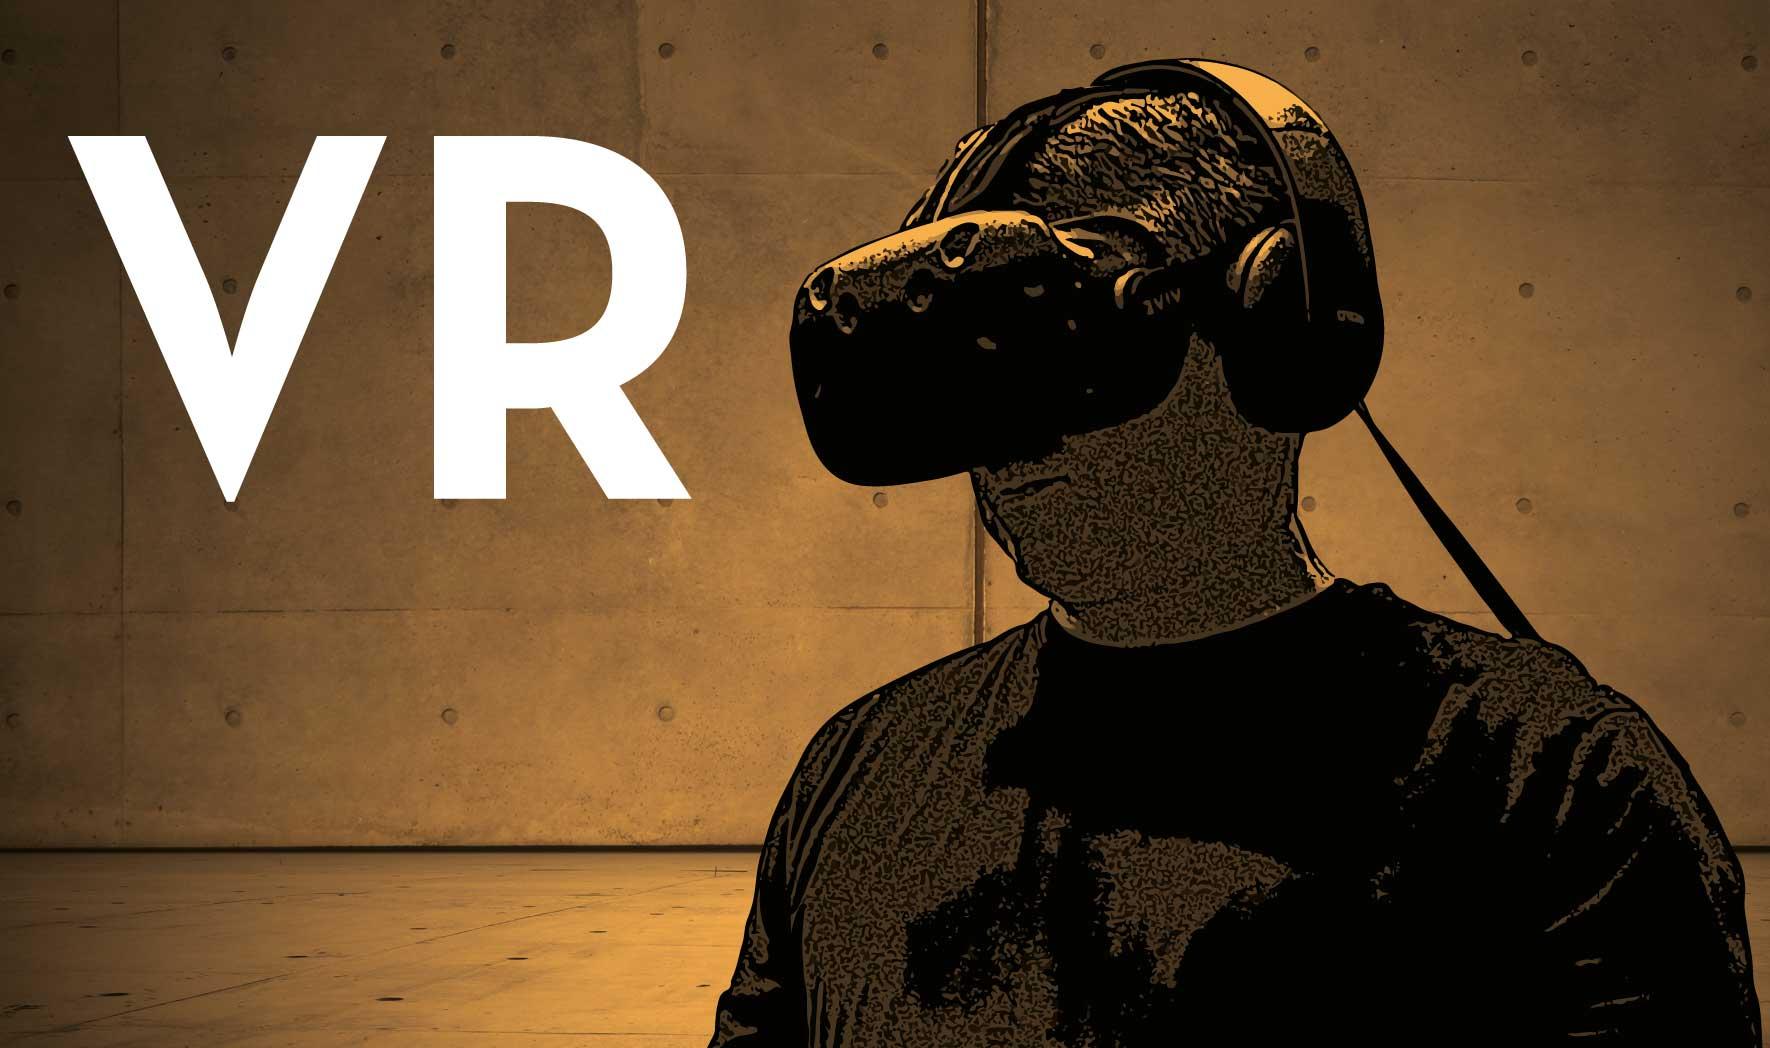 Virtual-reality_1770x1048px_201606_2